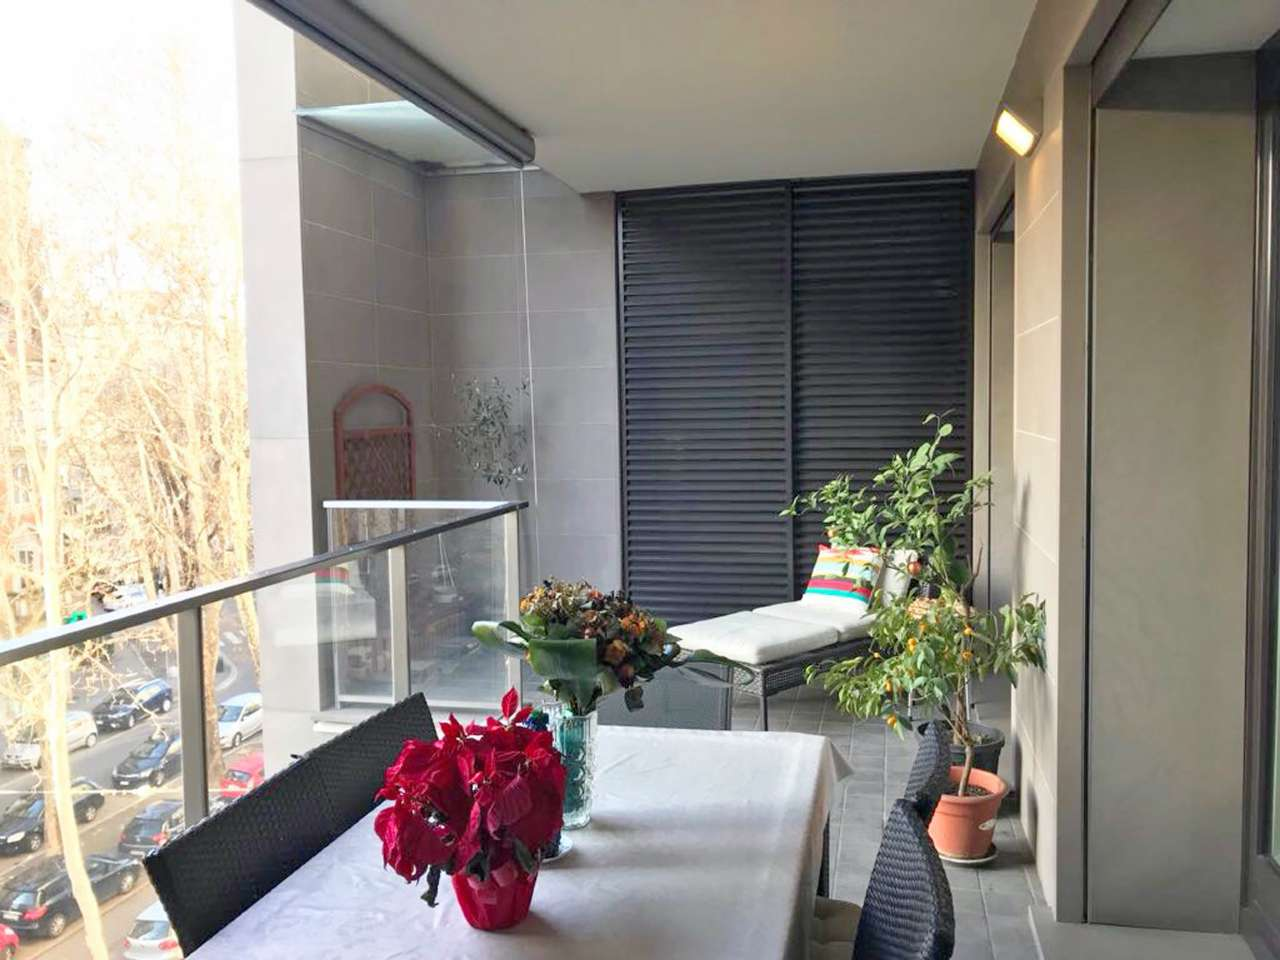 bilocale con terrazzo a Milano - Cambiocasa.it